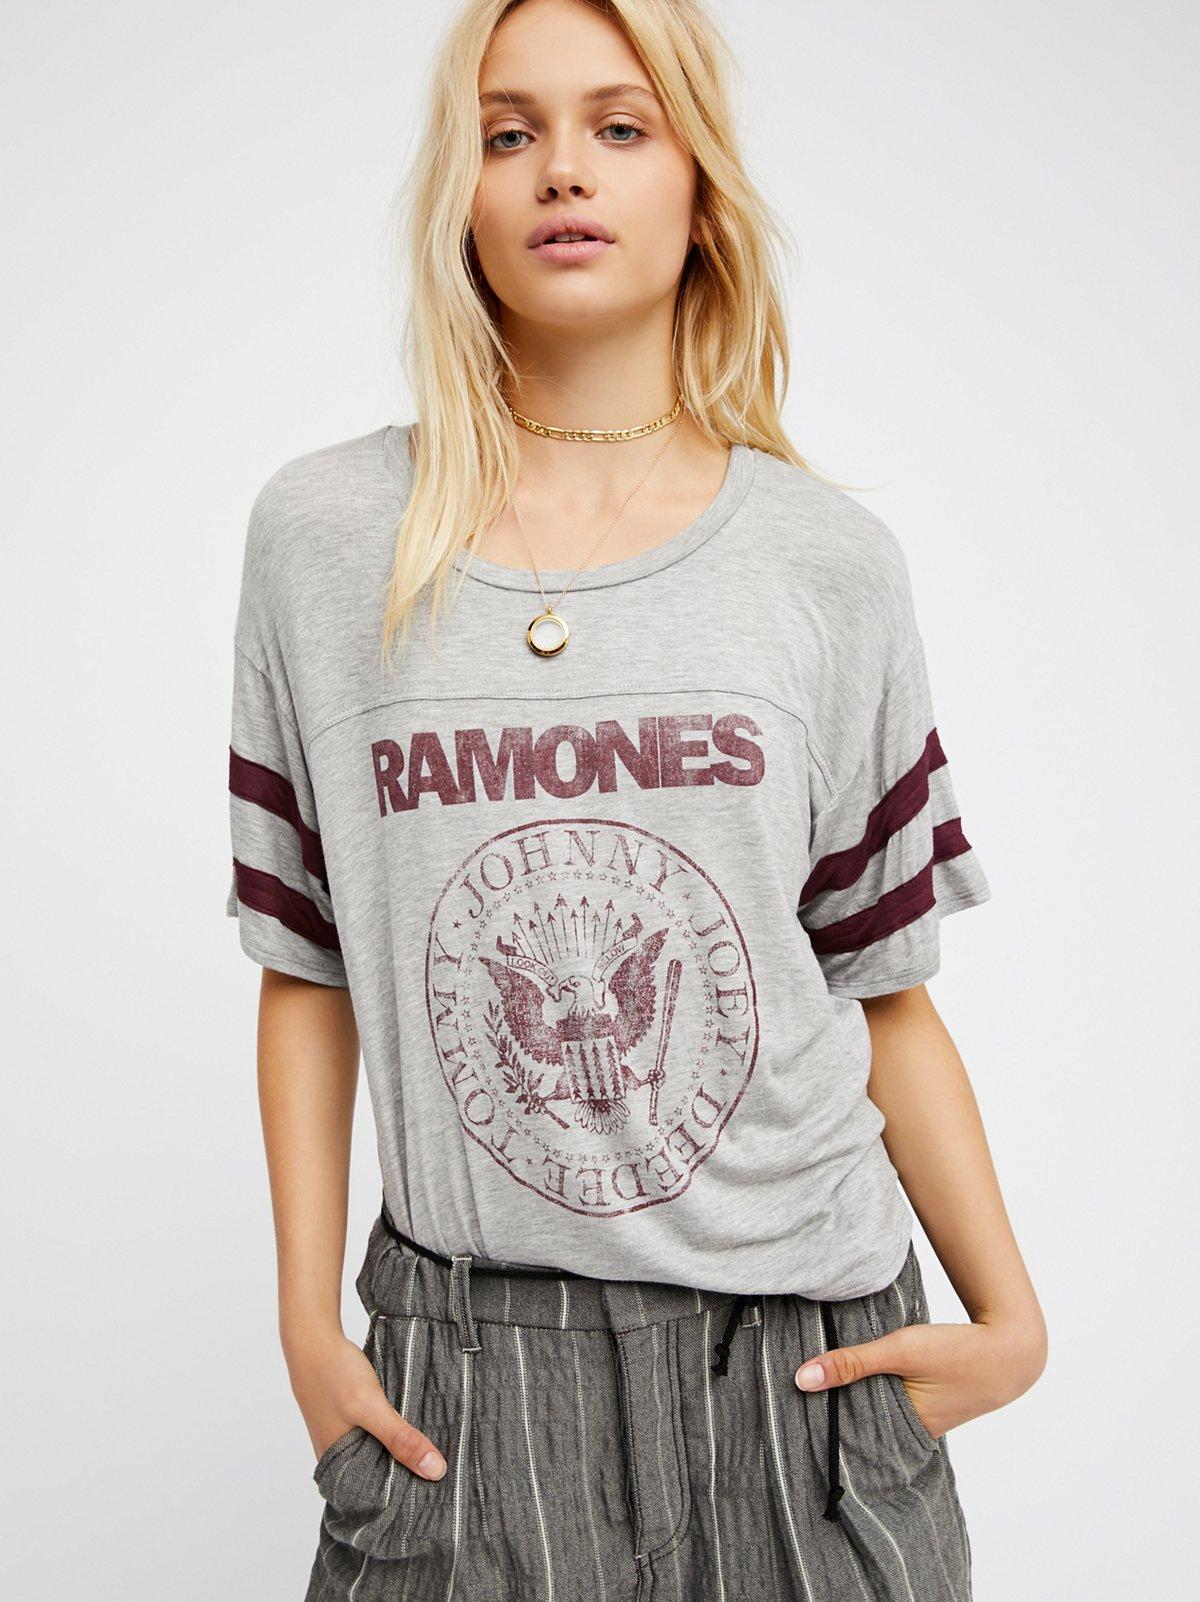 Ramones Tee